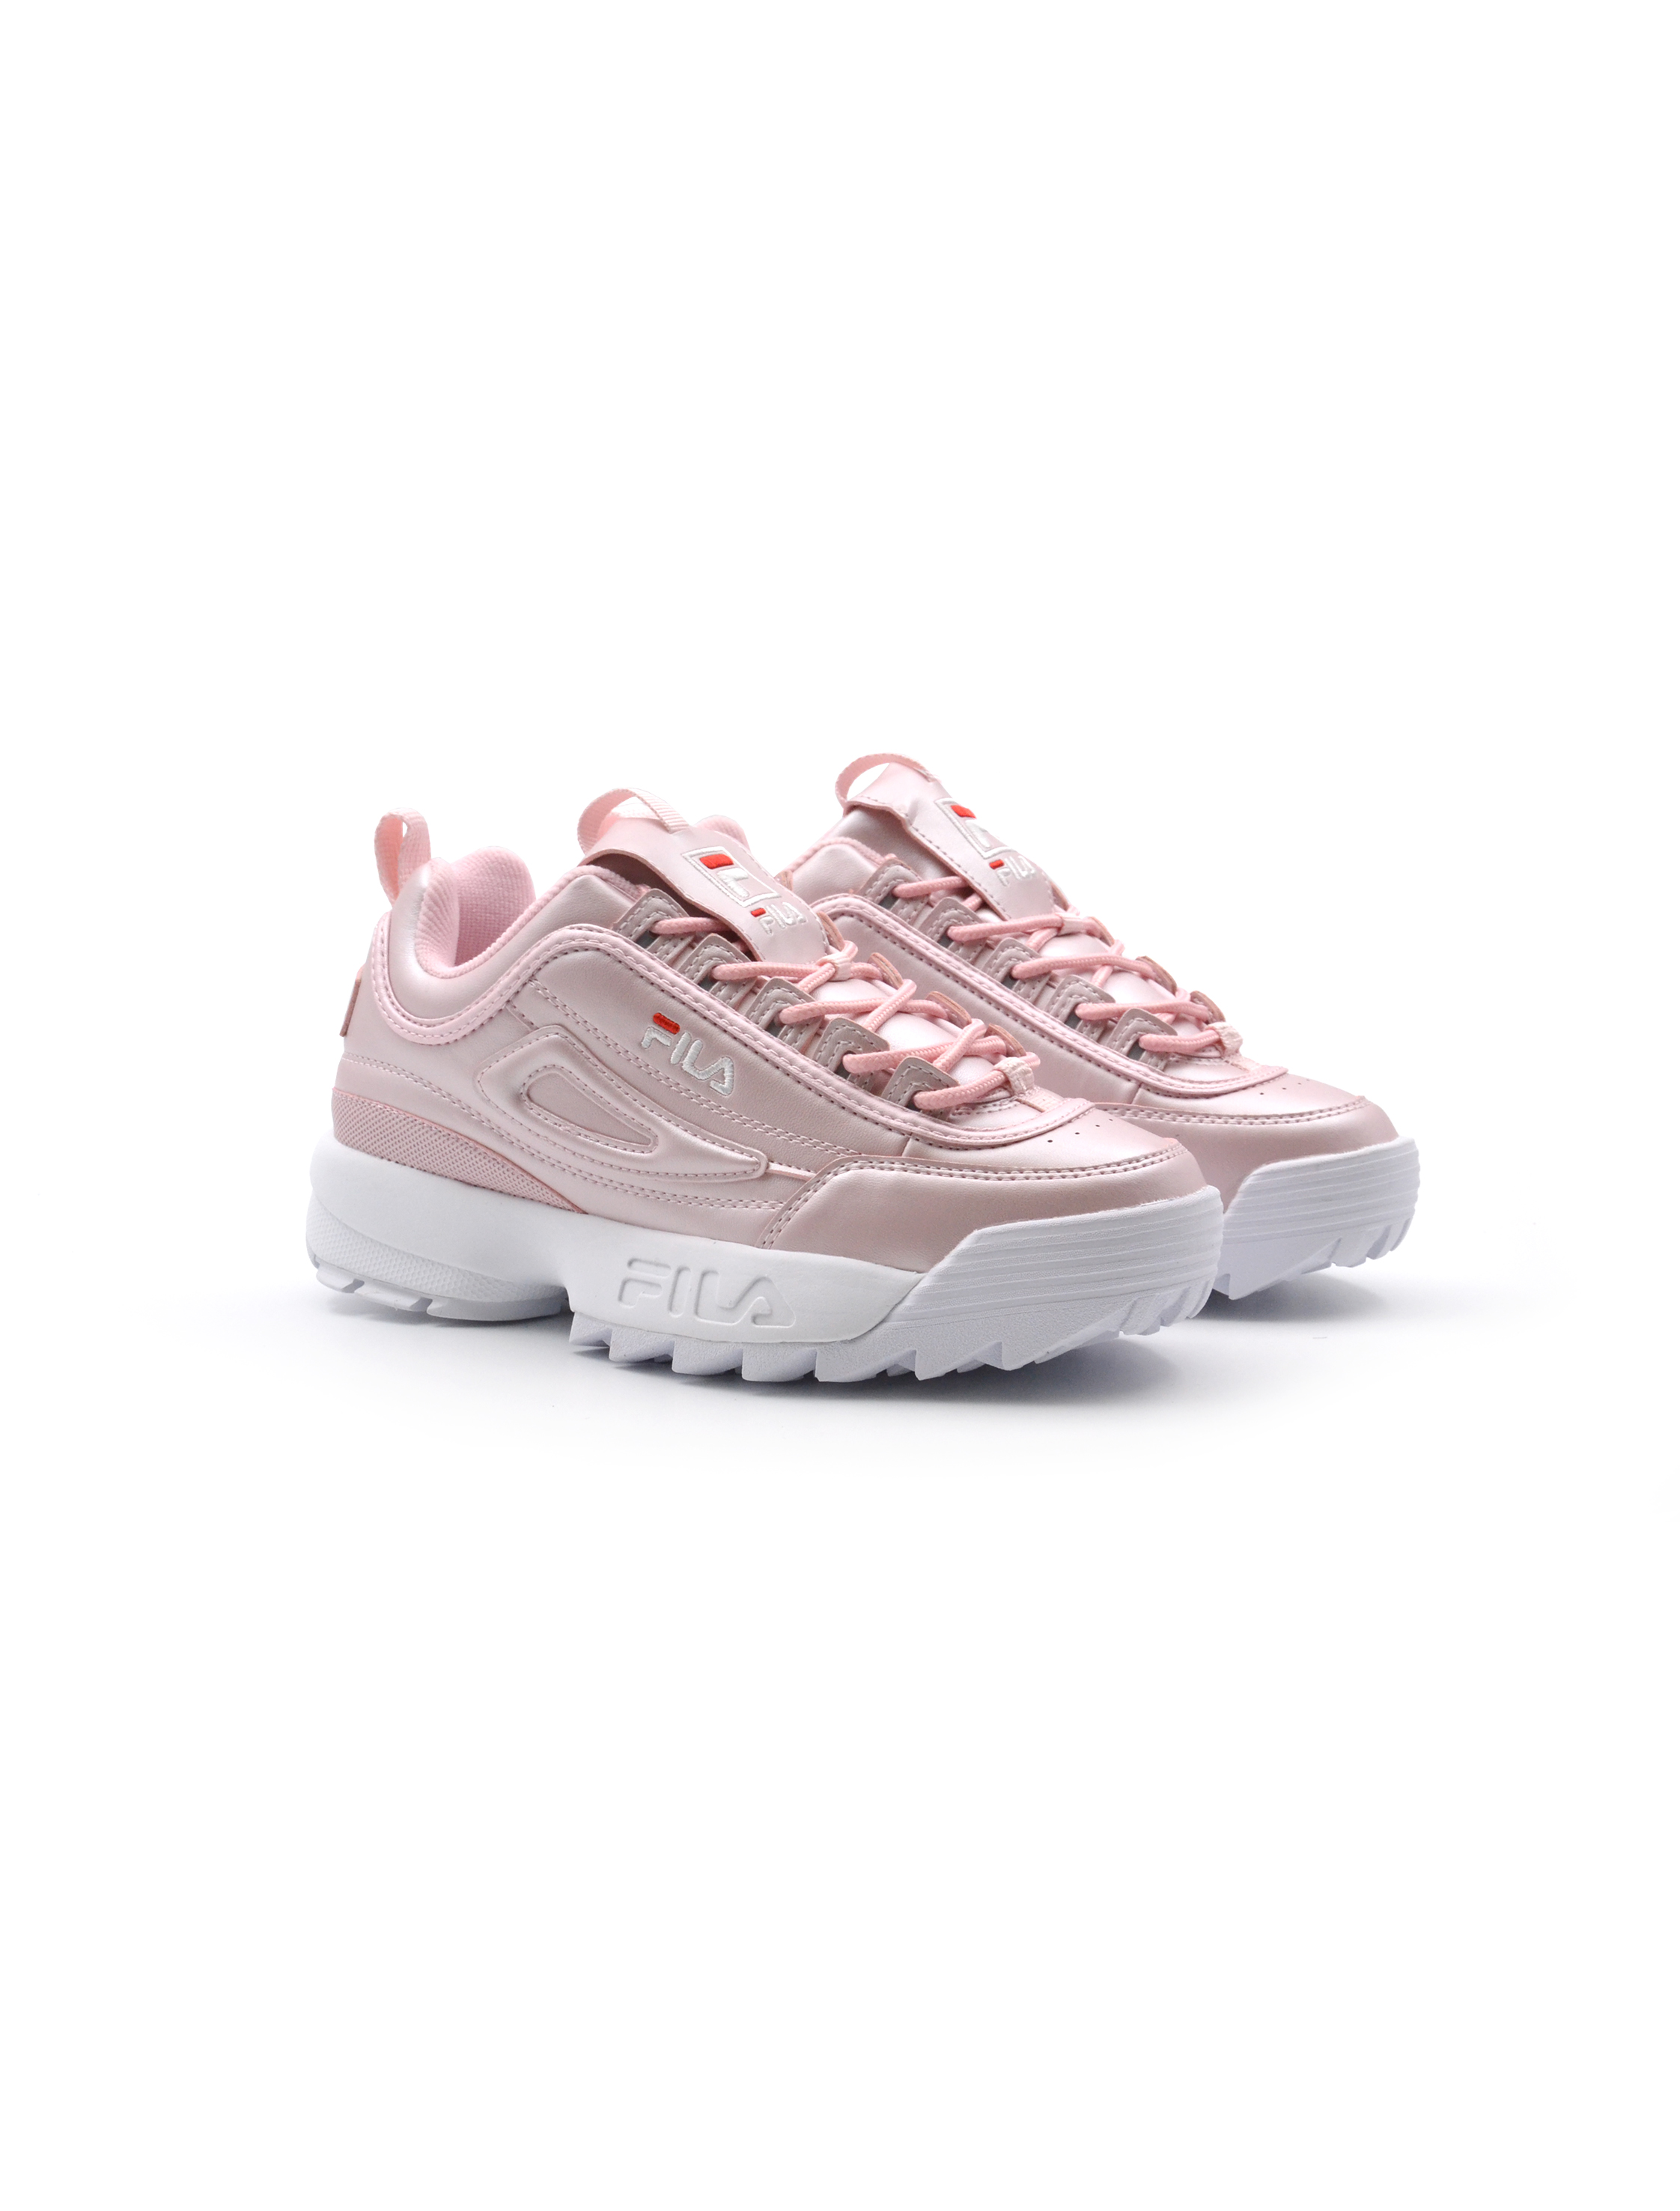 Sneaker da donna disruptor low fila, Sneakers brand, colore